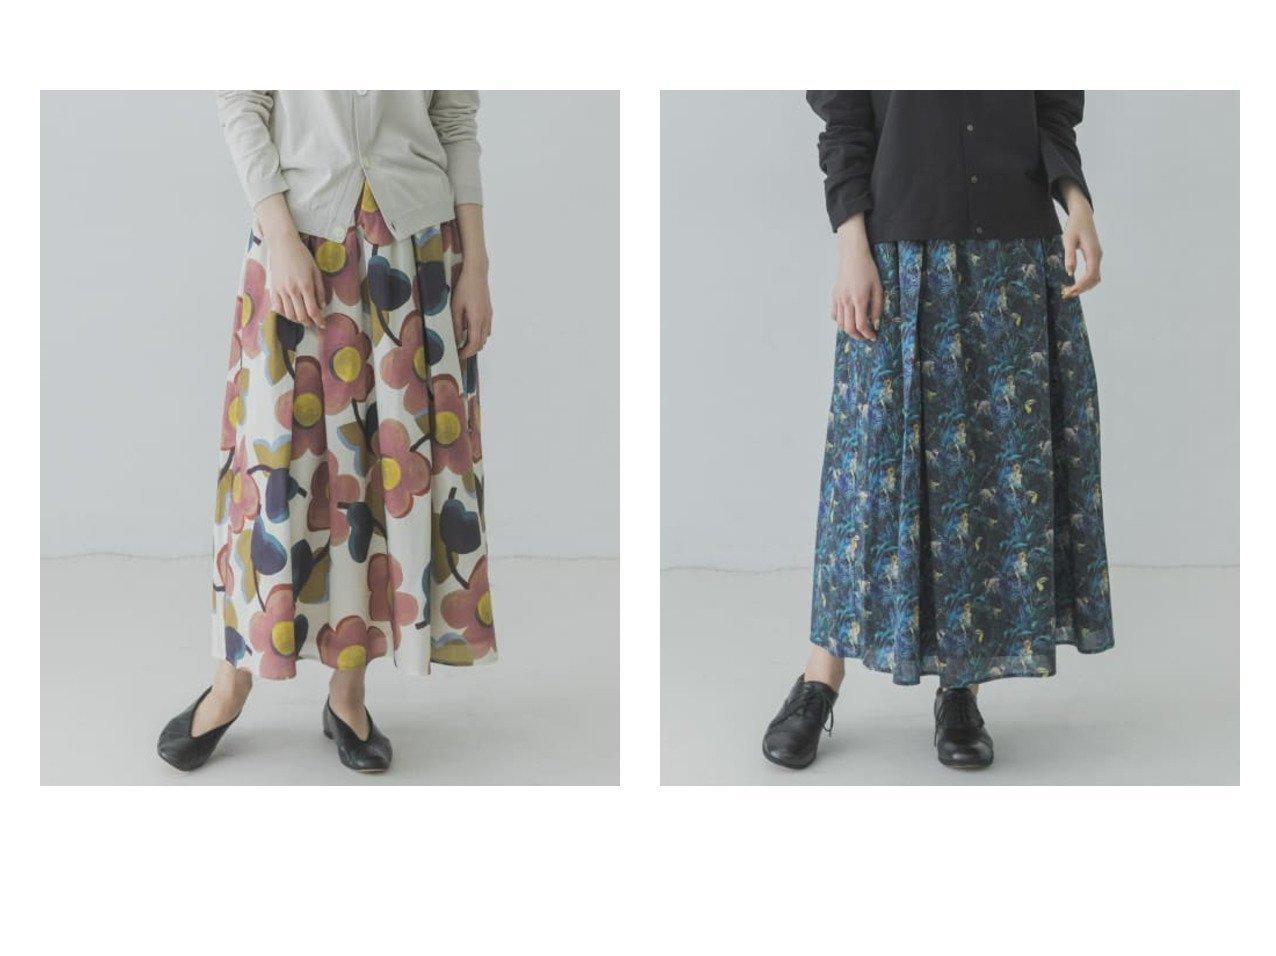 【kagure / URBAN RESEARCH/かぐれ】のリバティプリントスカート スカートのおすすめ!人気、トレンド・レディースファッションの通販 おすすめで人気の流行・トレンド、ファッションの通販商品 メンズファッション・キッズファッション・インテリア・家具・レディースファッション・服の通販 founy(ファニー) https://founy.com/ ファッション Fashion レディースファッション WOMEN スカート Skirt Aライン/フレアスカート Flared A-Line Skirts カットソー ギャザー スウェット フレア ポケット ロング 再入荷 Restock/Back in Stock/Re Arrival |ID:crp329100000024481